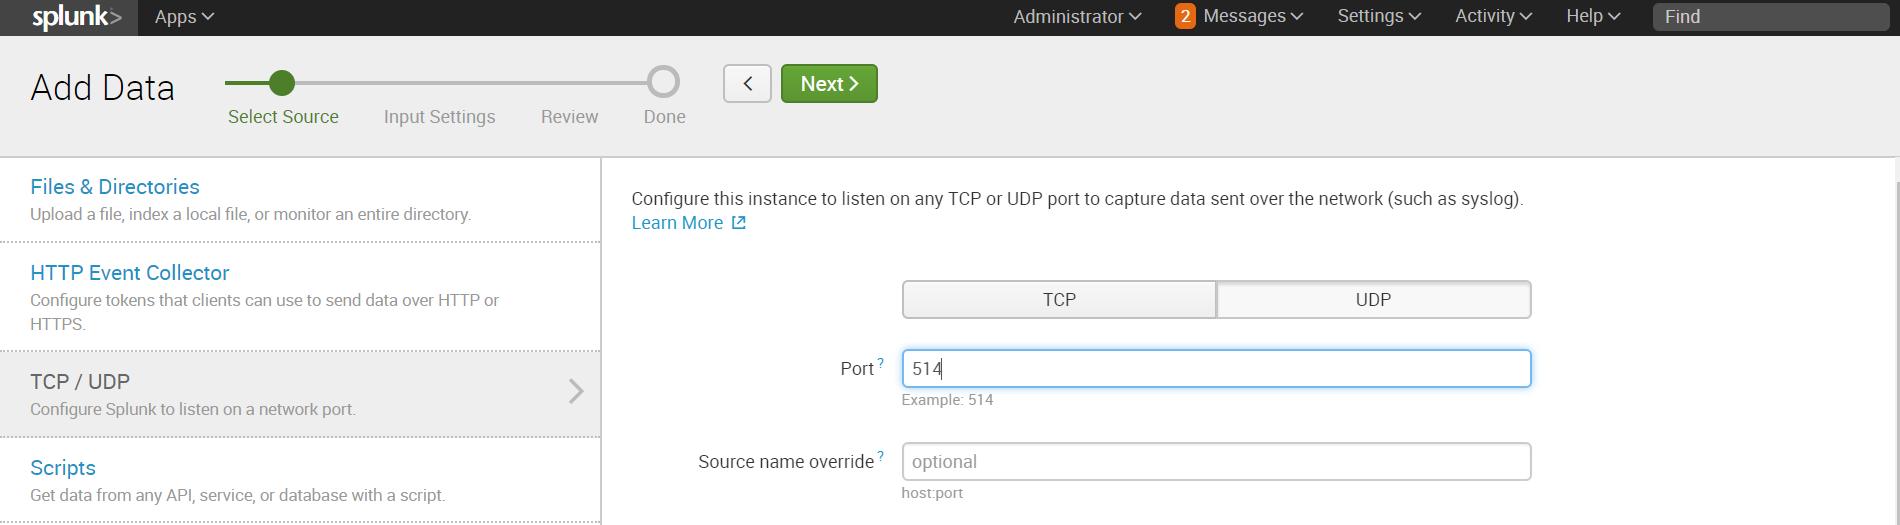 Как загрузить нестандартный лог в Splunk + логи Fortinet - 2